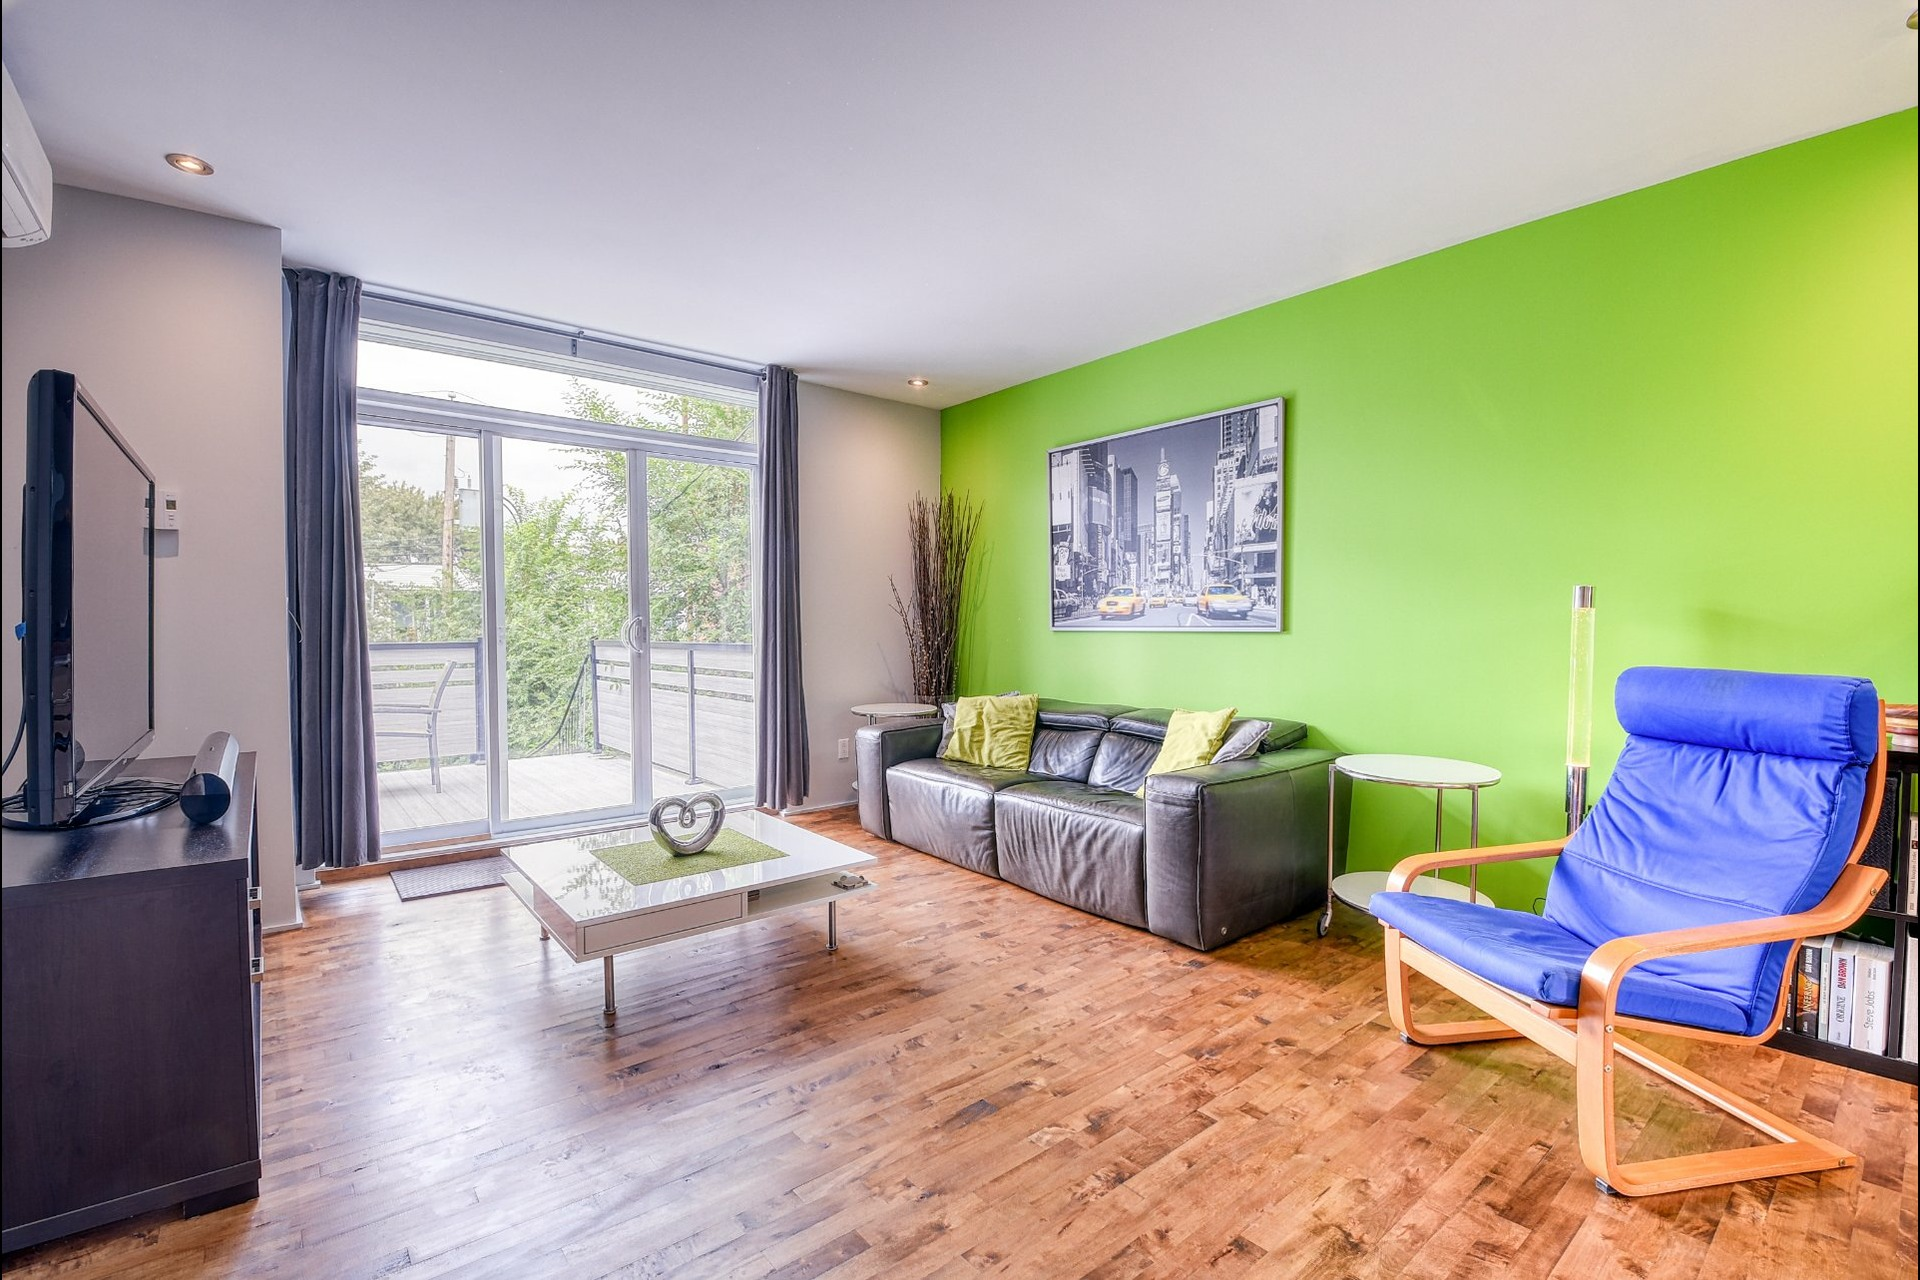 image 5 - Appartement À vendre Mercier/Hochelaga-Maisonneuve Montréal  - 5 pièces